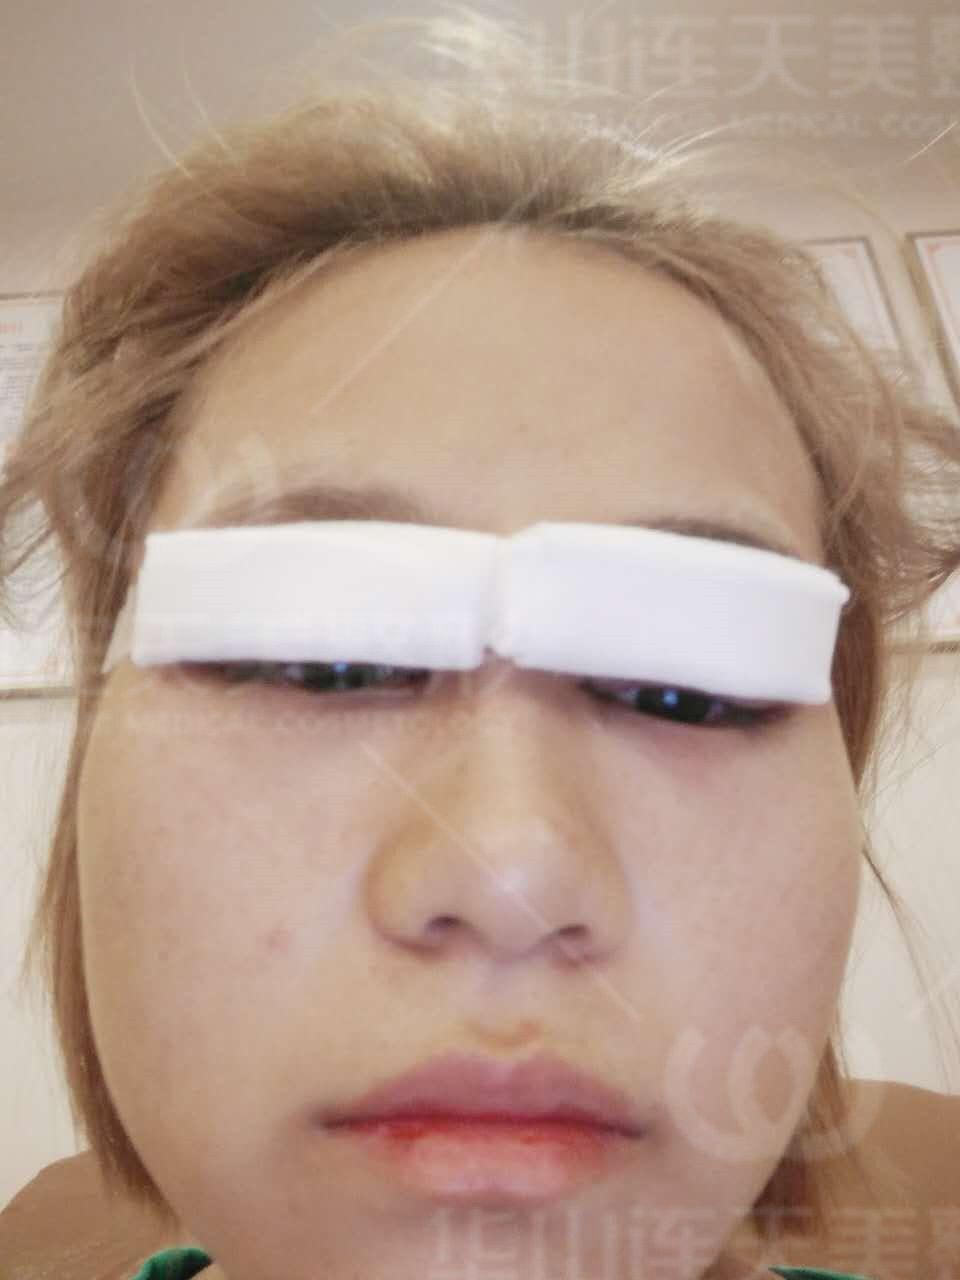 今天手术还是挺快的,我的单眼皮特征非常明显,医生面诊完之后说眼部基础还可以,没什么特别大的问题,术后自拍就有点为难了,纱布挡住视线,糊就糊吧,就当做一个记录吧!